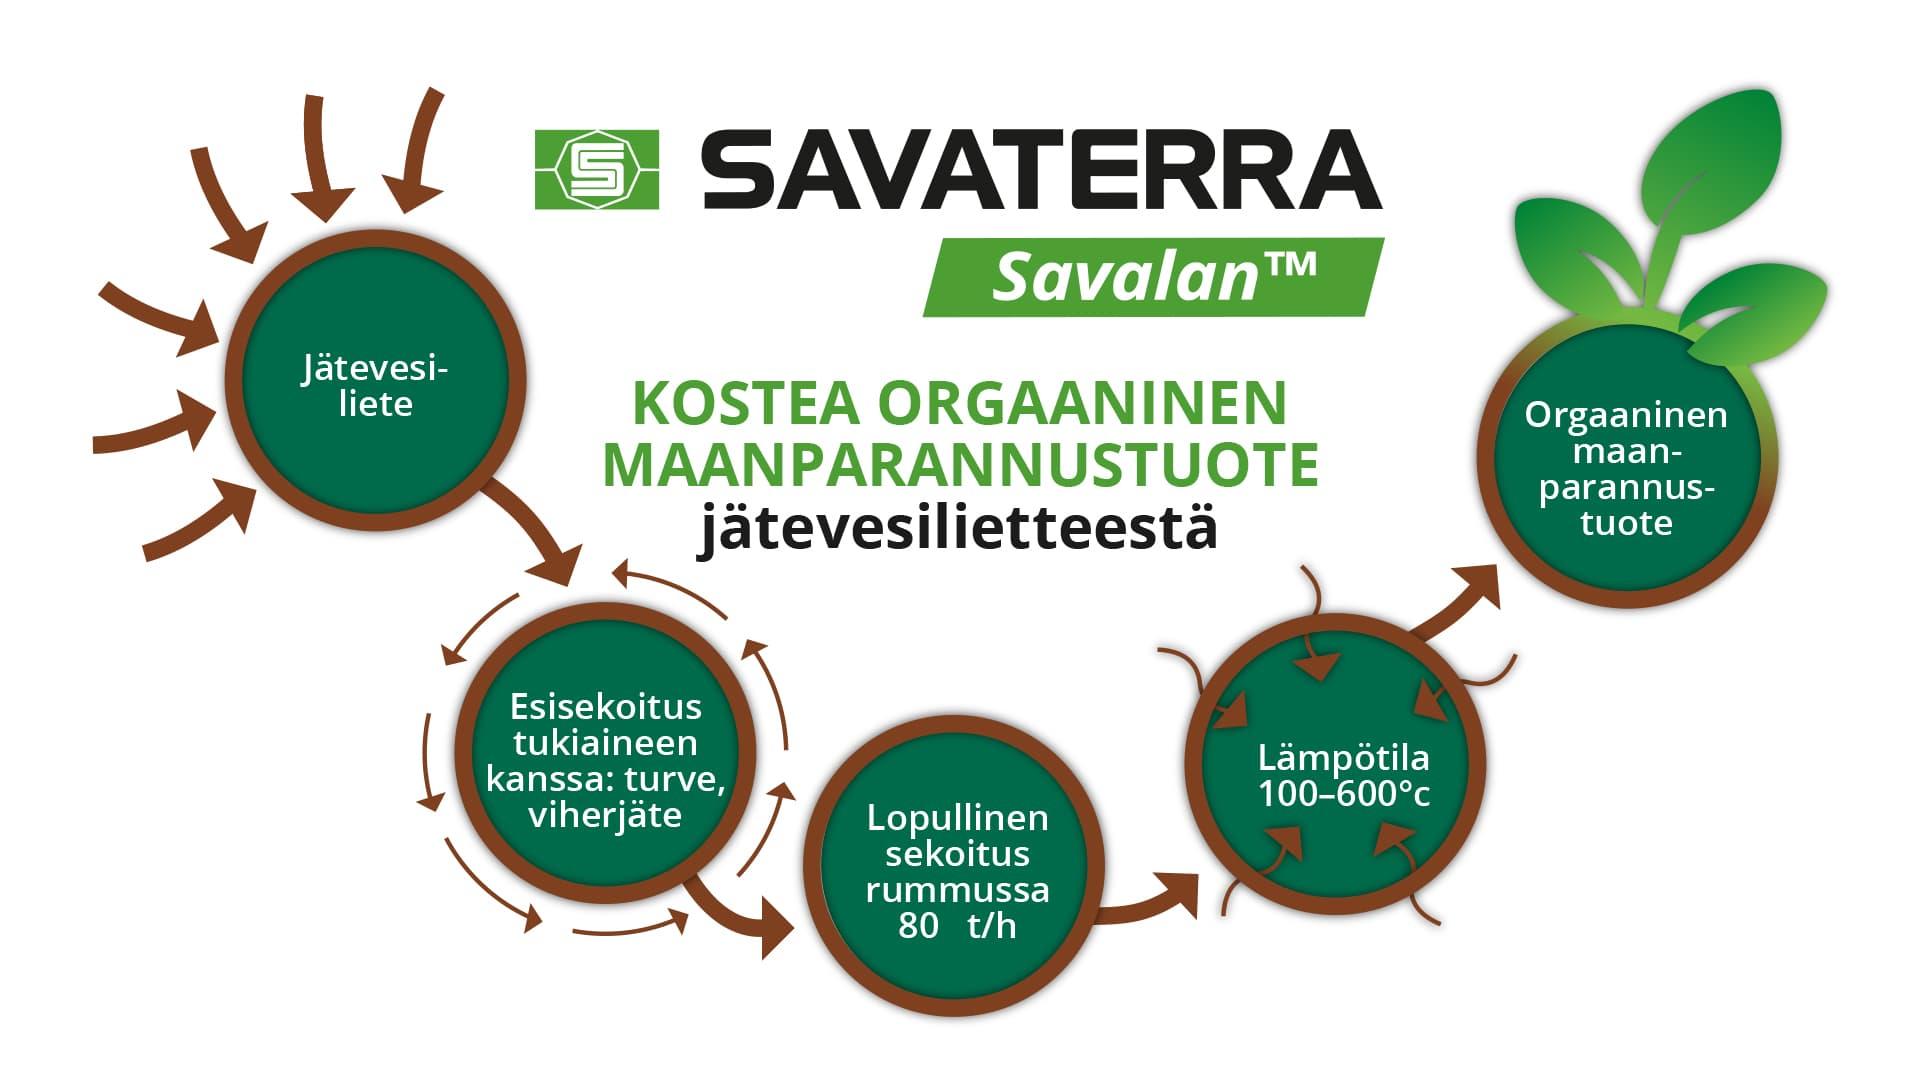 Savaterra Savalan kaaviokuva